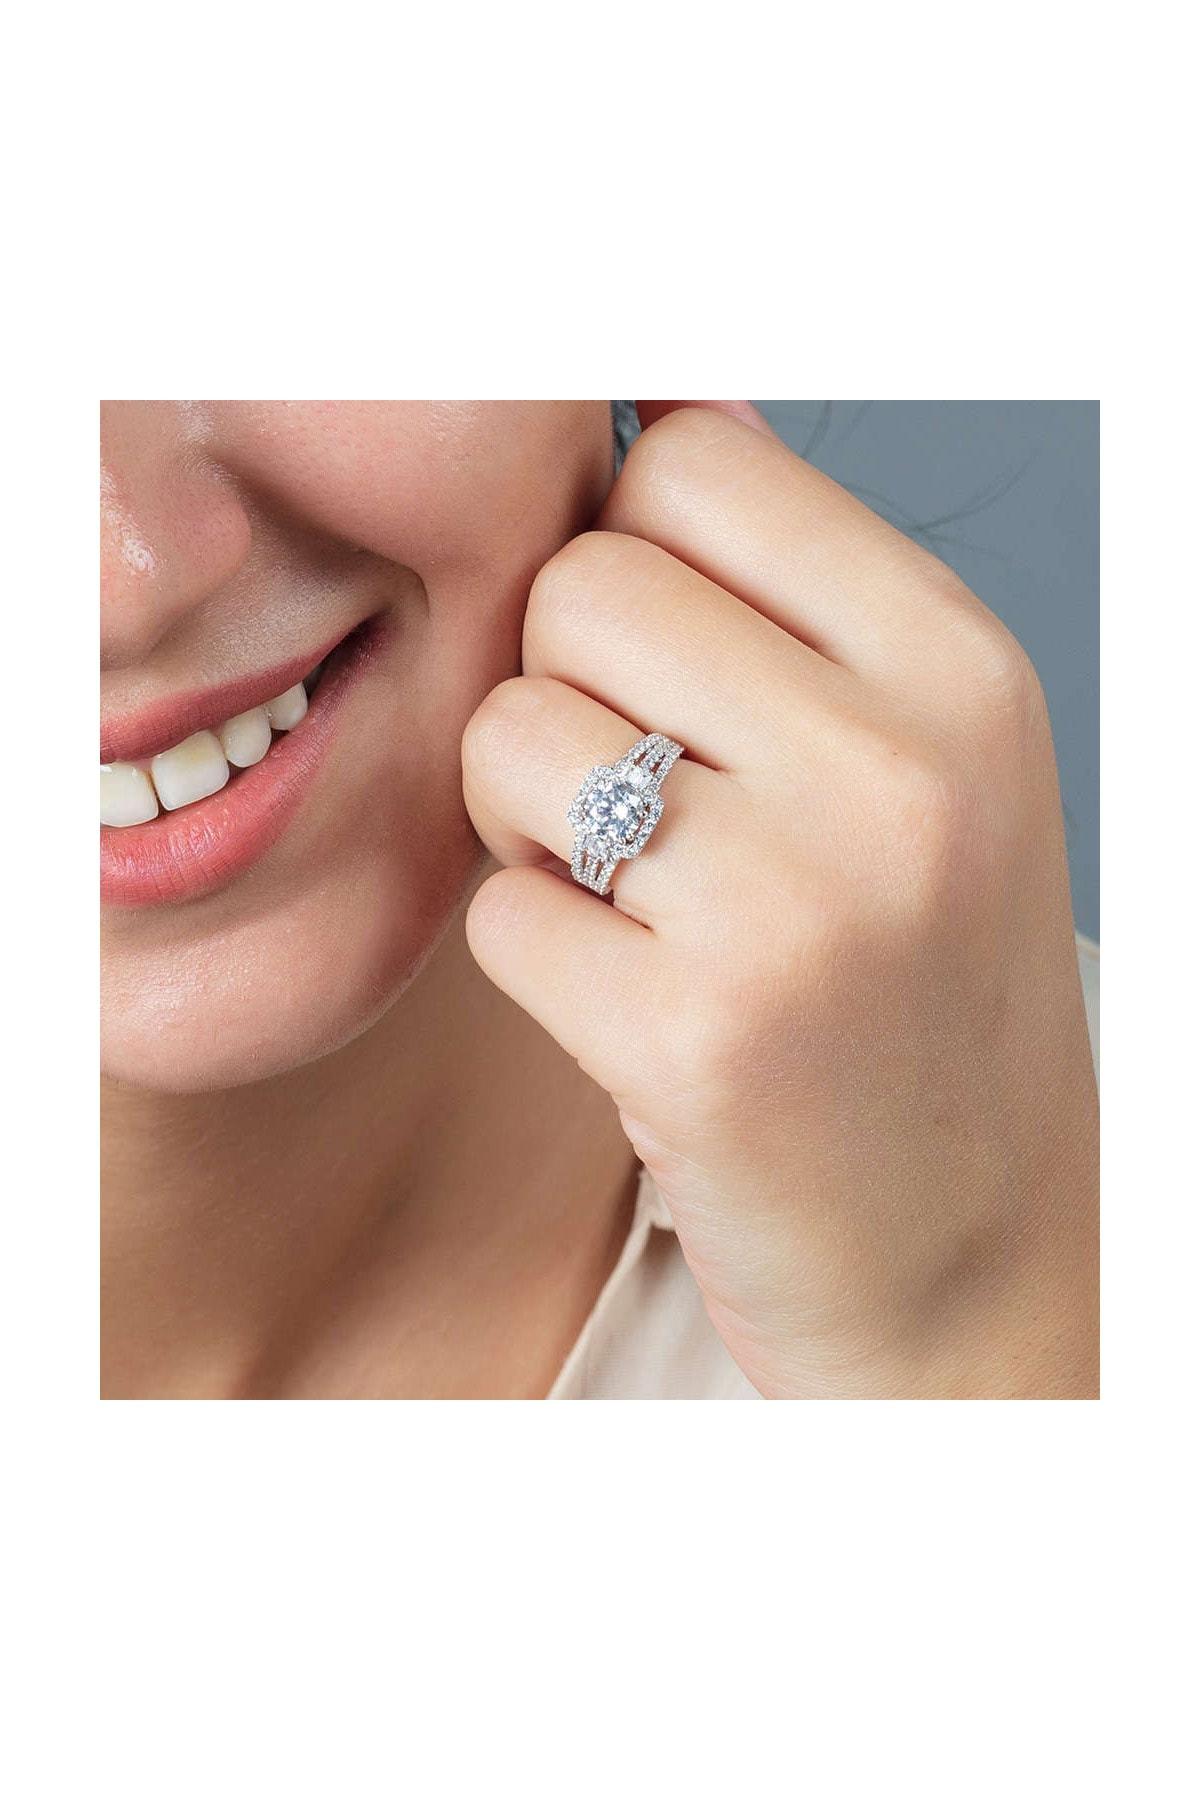 Tesbihane Starlight Diamond Pırlanta Montür Efektli 925 Ayar Gümüş Bayan Baget Yüzük 102001799 2